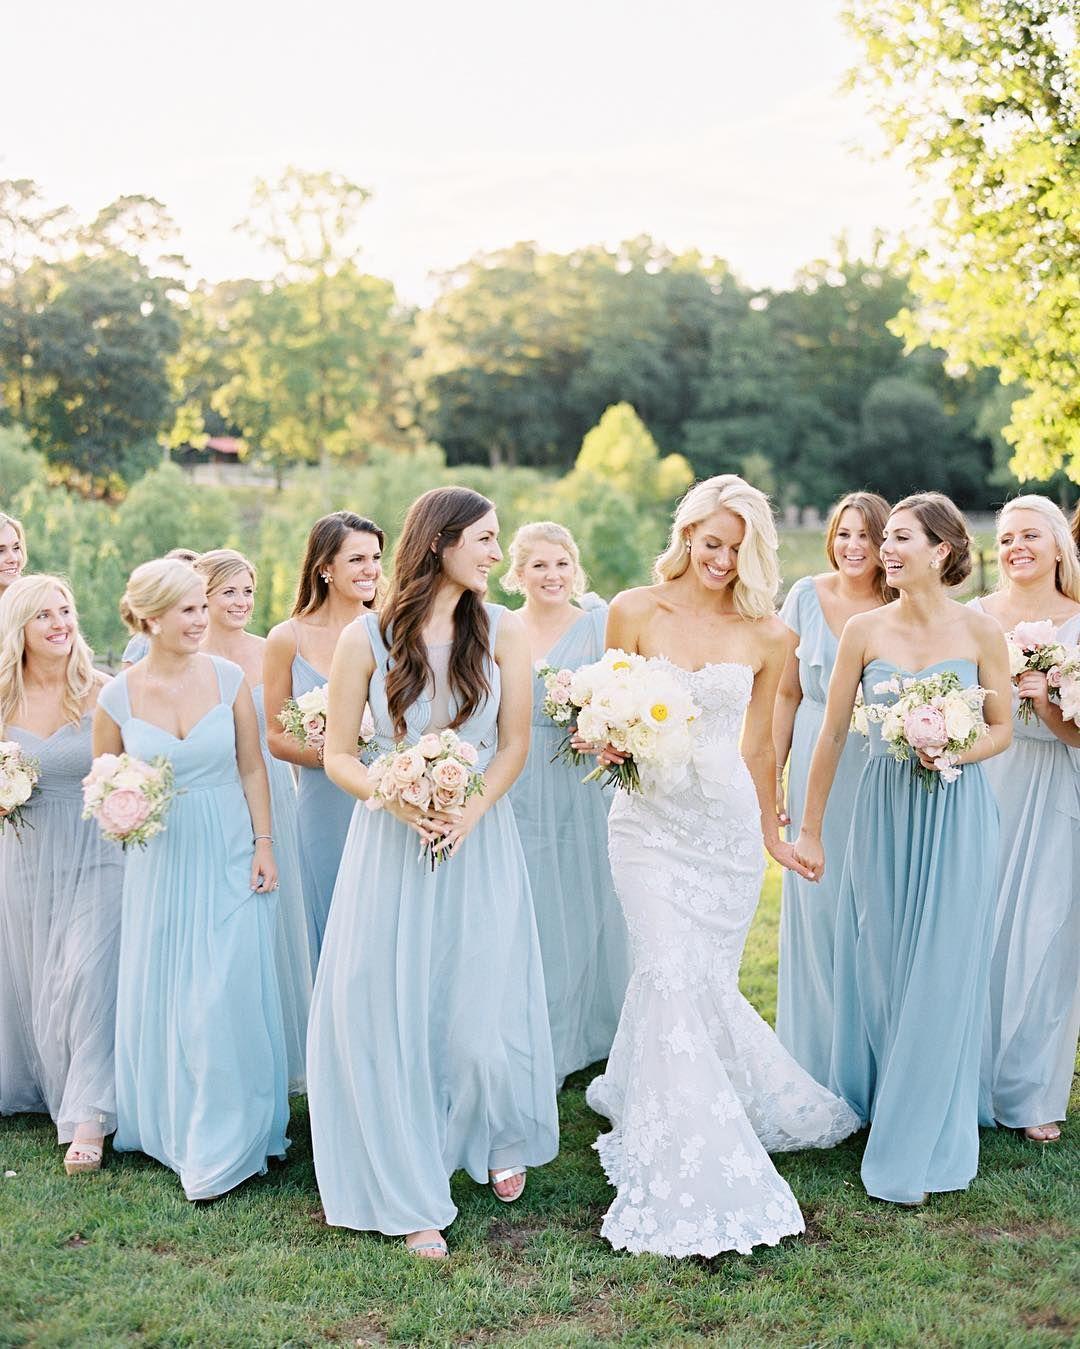 Du bist demnächst Hochzeitsgast? DIESE Kleider sind echte ...